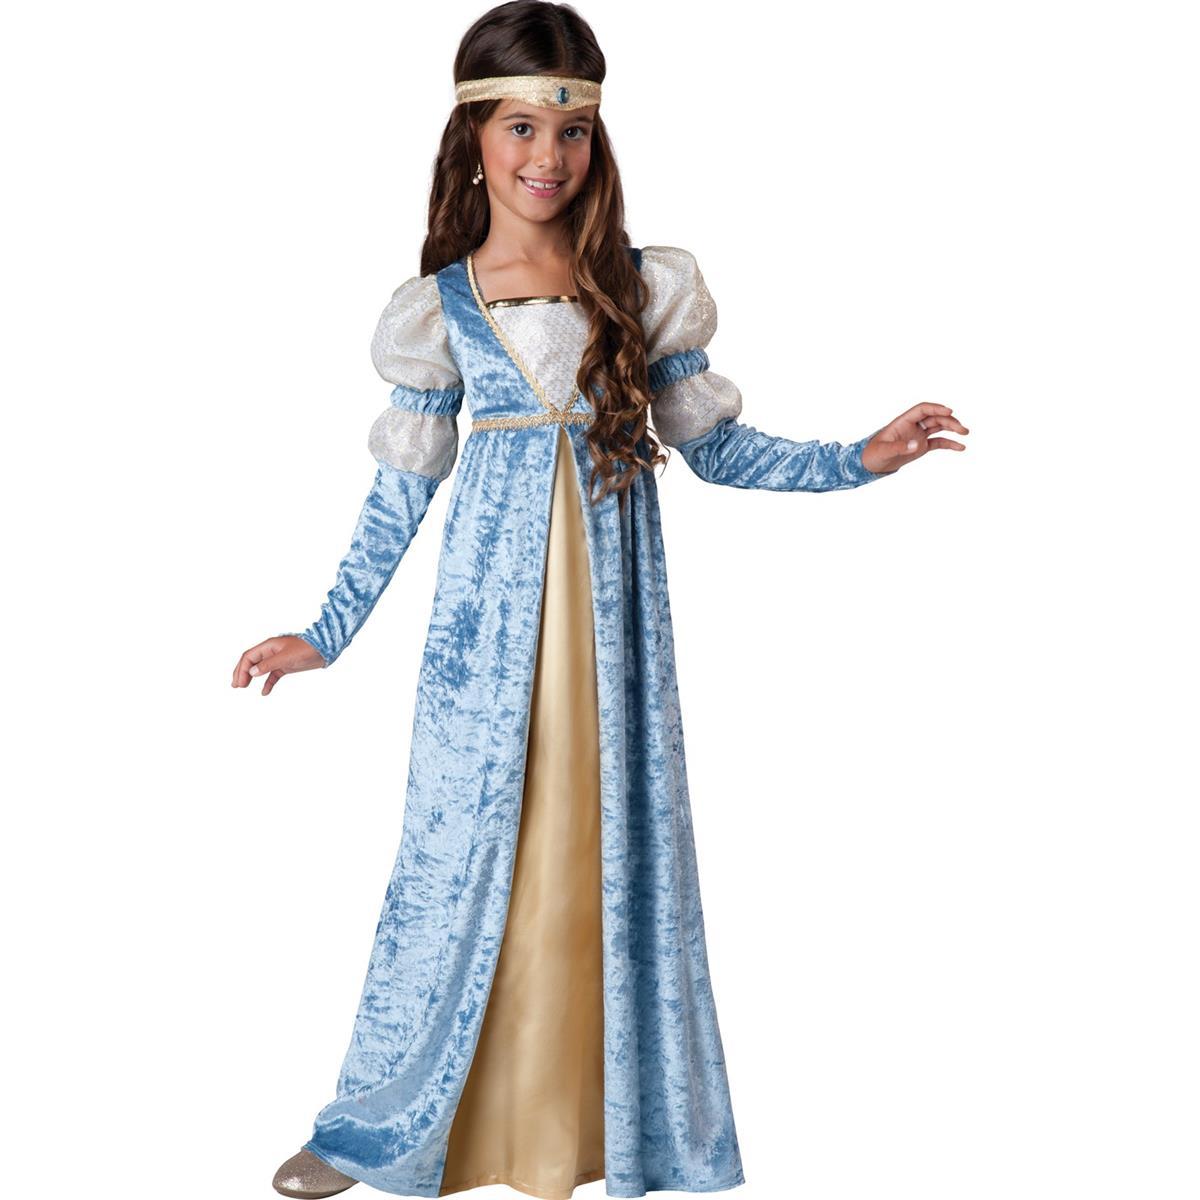 ハロウィン プレゼント 中世 ハロウィン コスプレ 衣装 ロイヤル ルネッサンス 子供用コスチューム